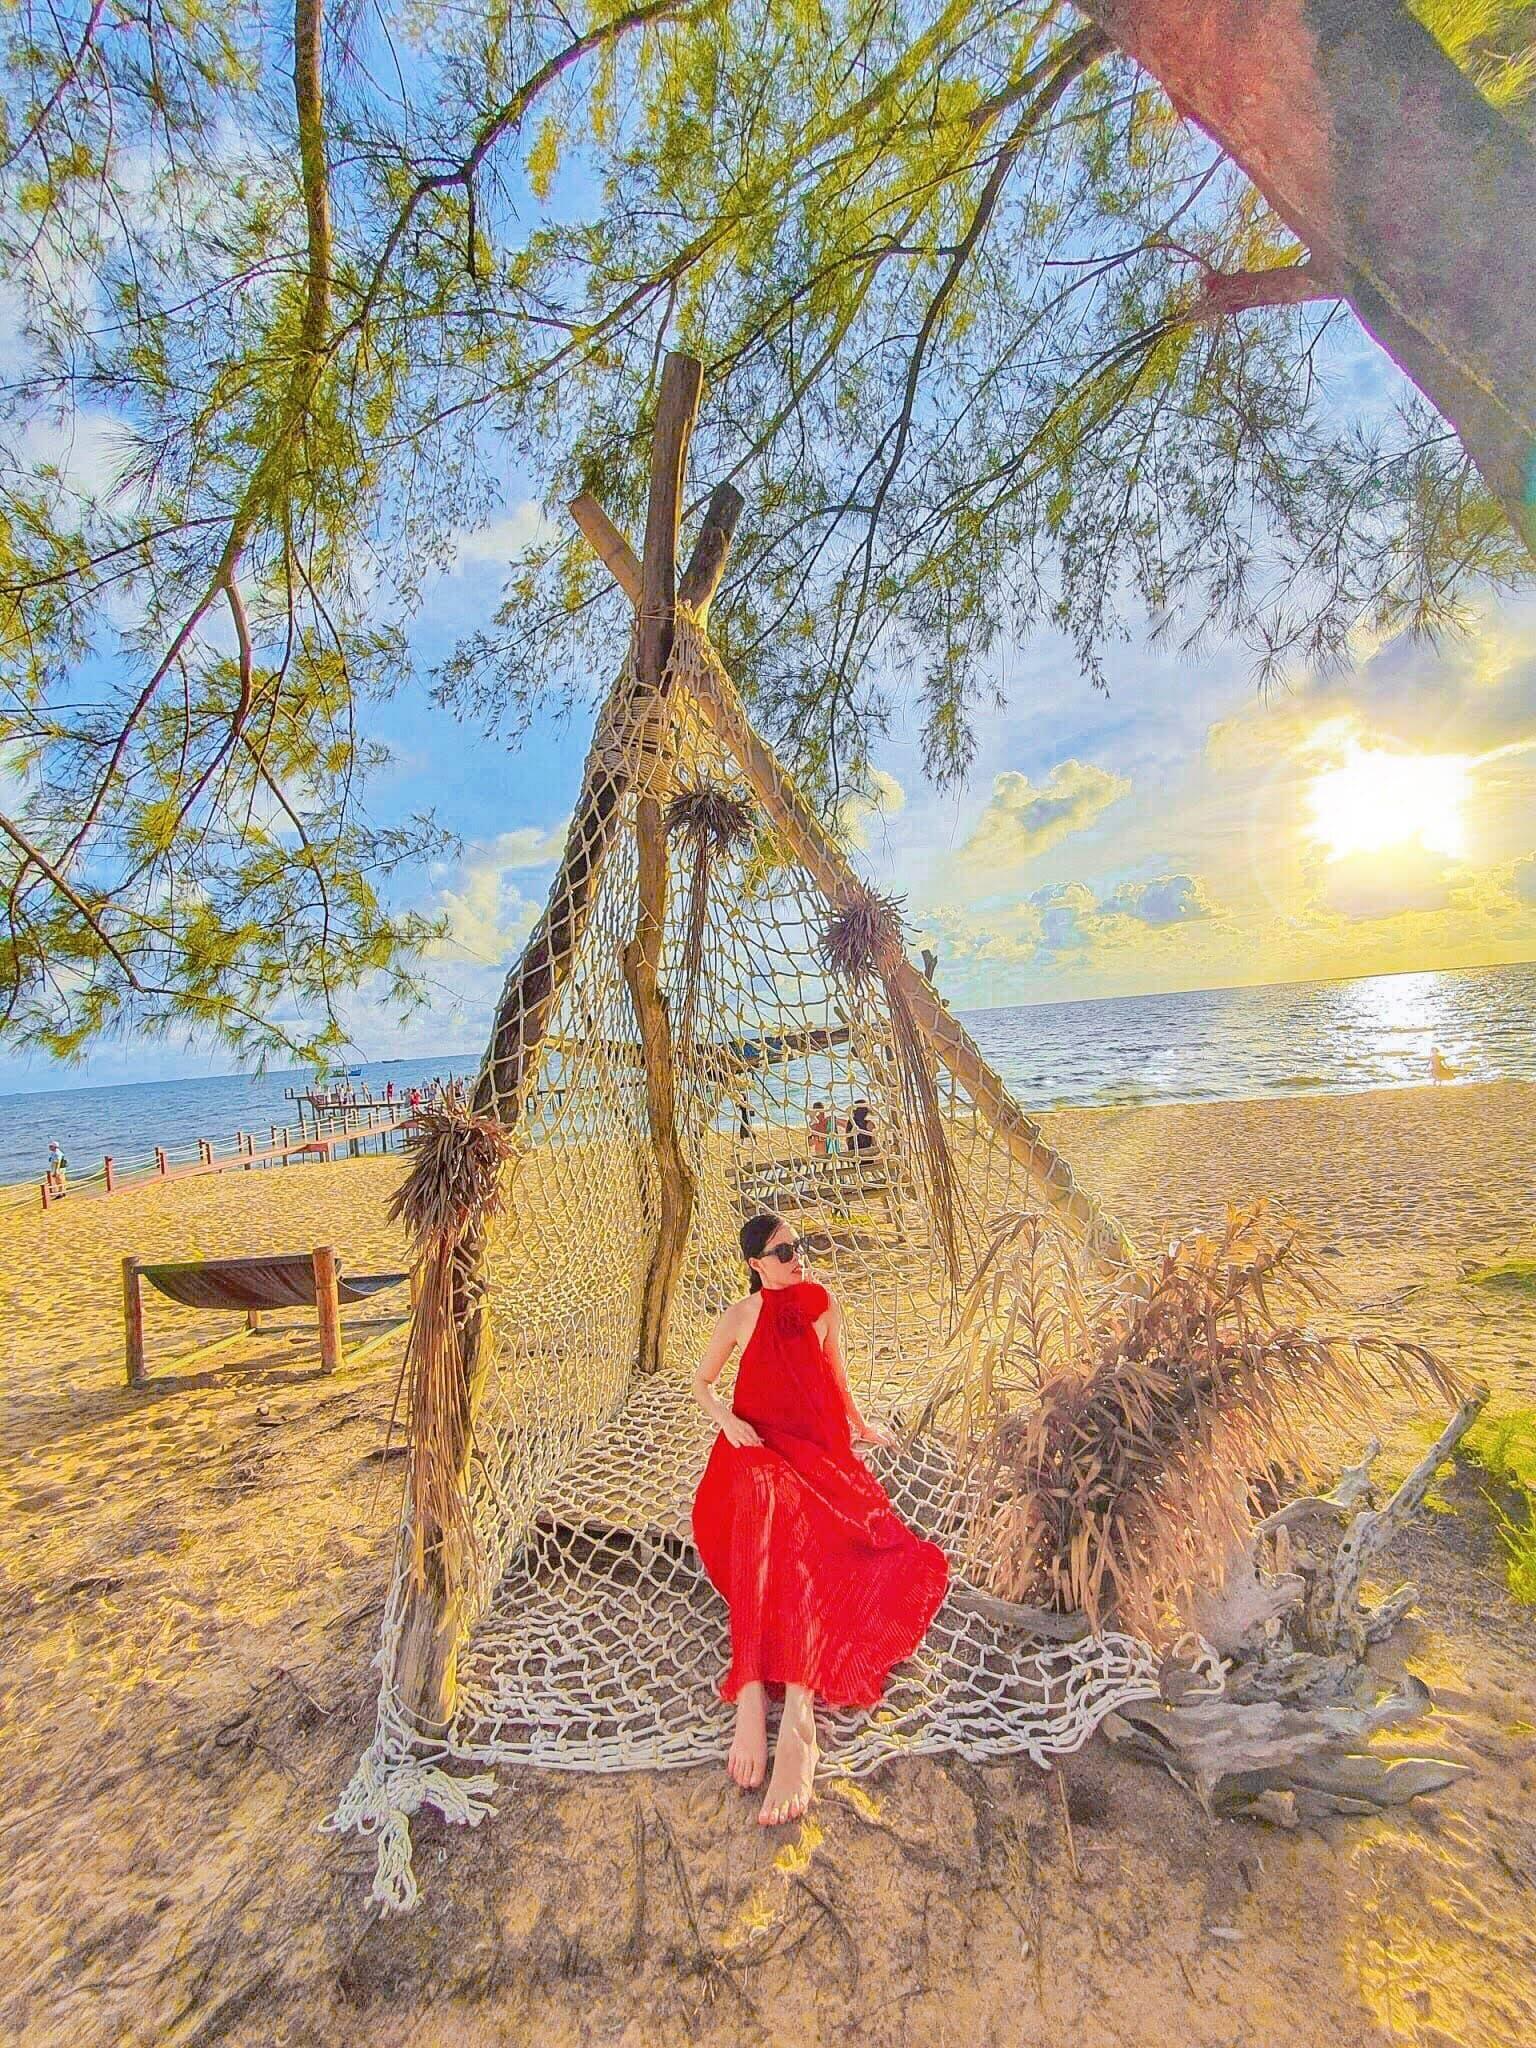 Tour du lịch Phú Quốc khởi hành từ Rạch Giá: Vô vàn ưu đãi trong dịp hè này  - Ảnh 7.